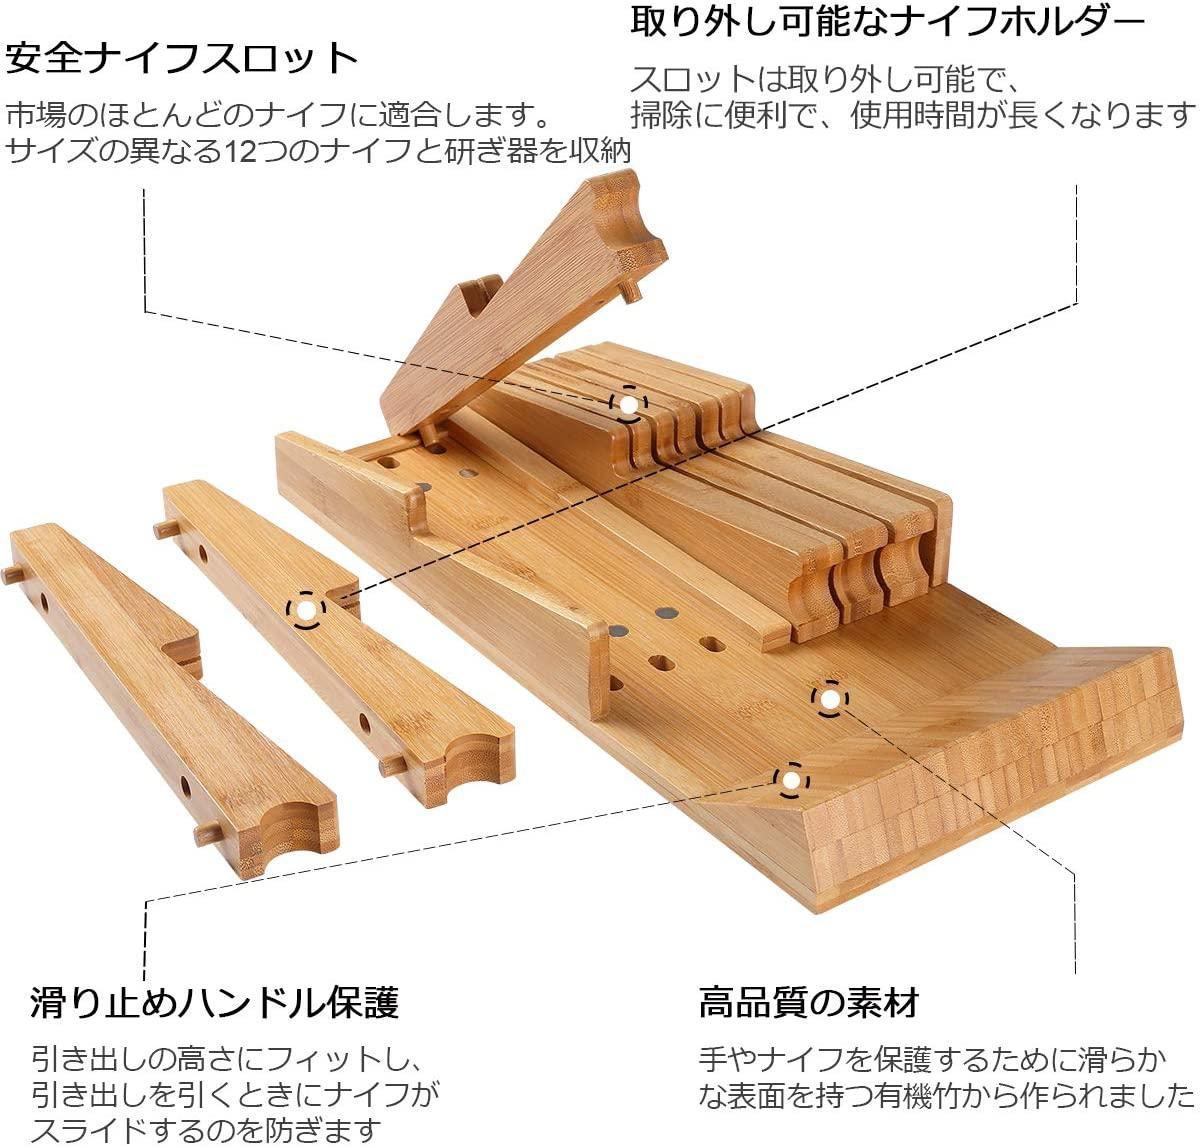 HHXRISE 包丁スタンド 竹製 ブラウンの商品画像4